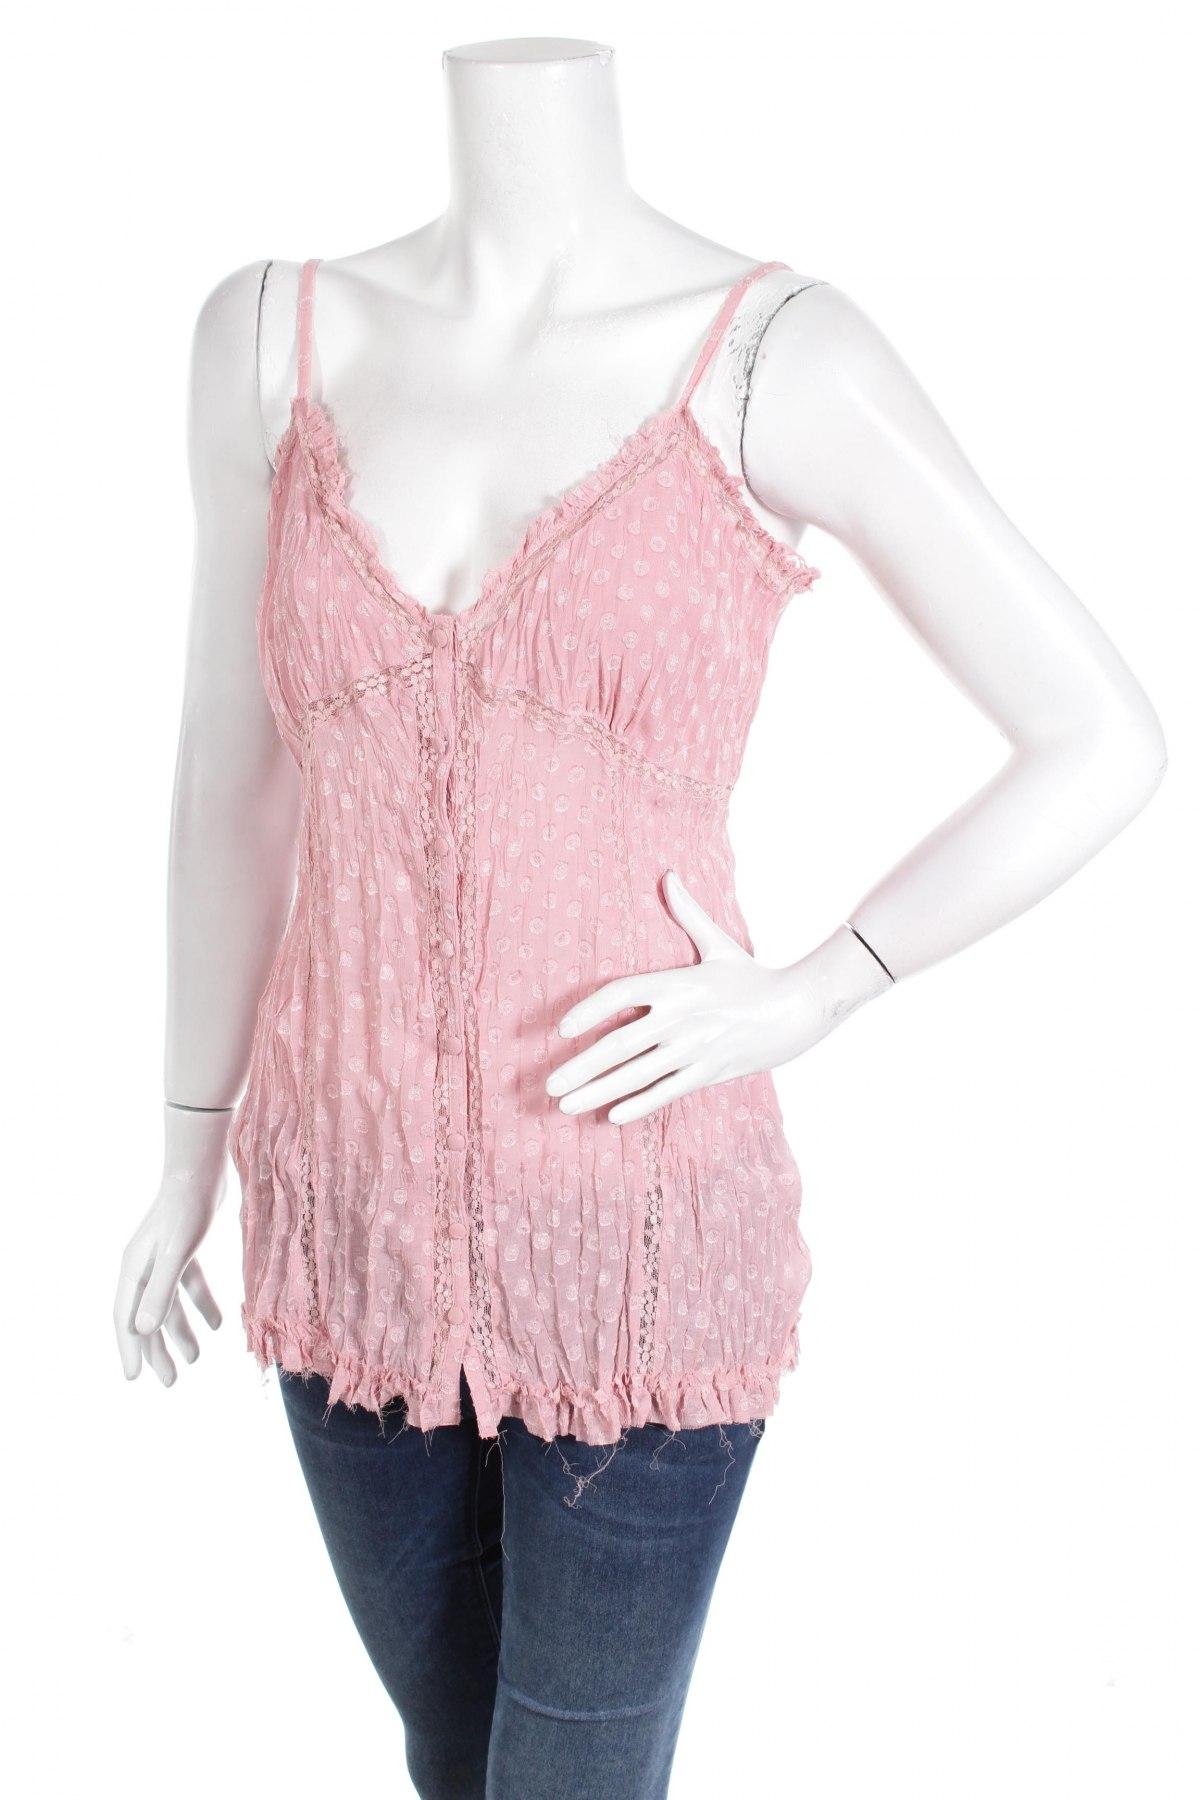 Γυναικείο πουκάμισο New Look, Μέγεθος XL, Χρώμα Βιολετί, Πολυεστέρας, Τιμή 10,82€